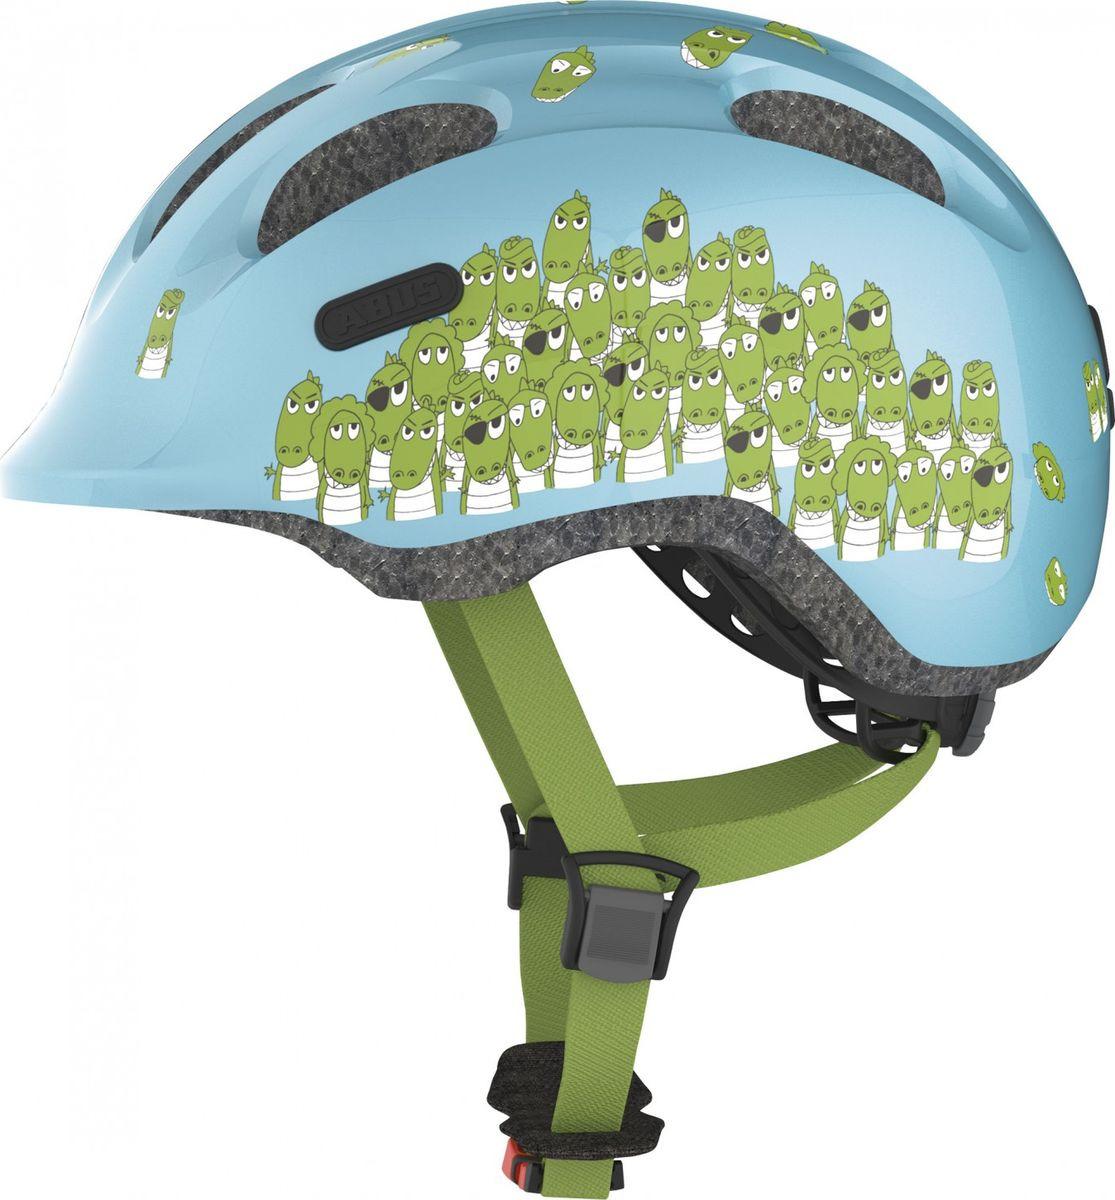 Шлем защитный Abus Smiley 2.0 Крокодилы, синий, размер S (45-50) велошлем детский abus smiley пчелы размер m 50 55